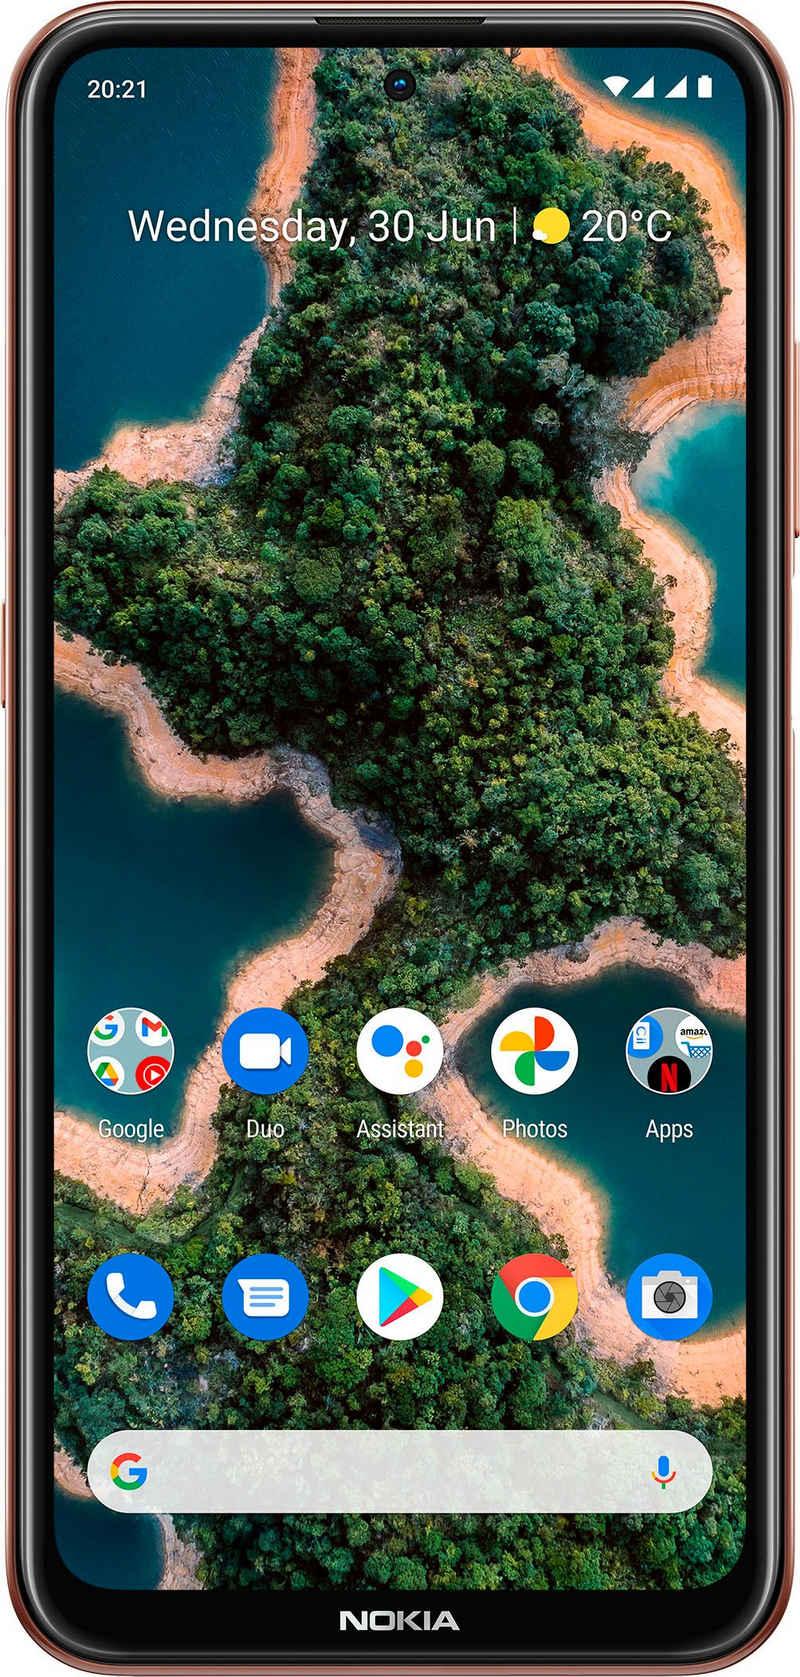 Nokia X20, 8+128 GB, Dual SIM Smartphone (16,94 cm/6,67 Zoll, 128 GB Speicherplatz, 64 MP Kamera, 3 Jahre Herstellergarantie)